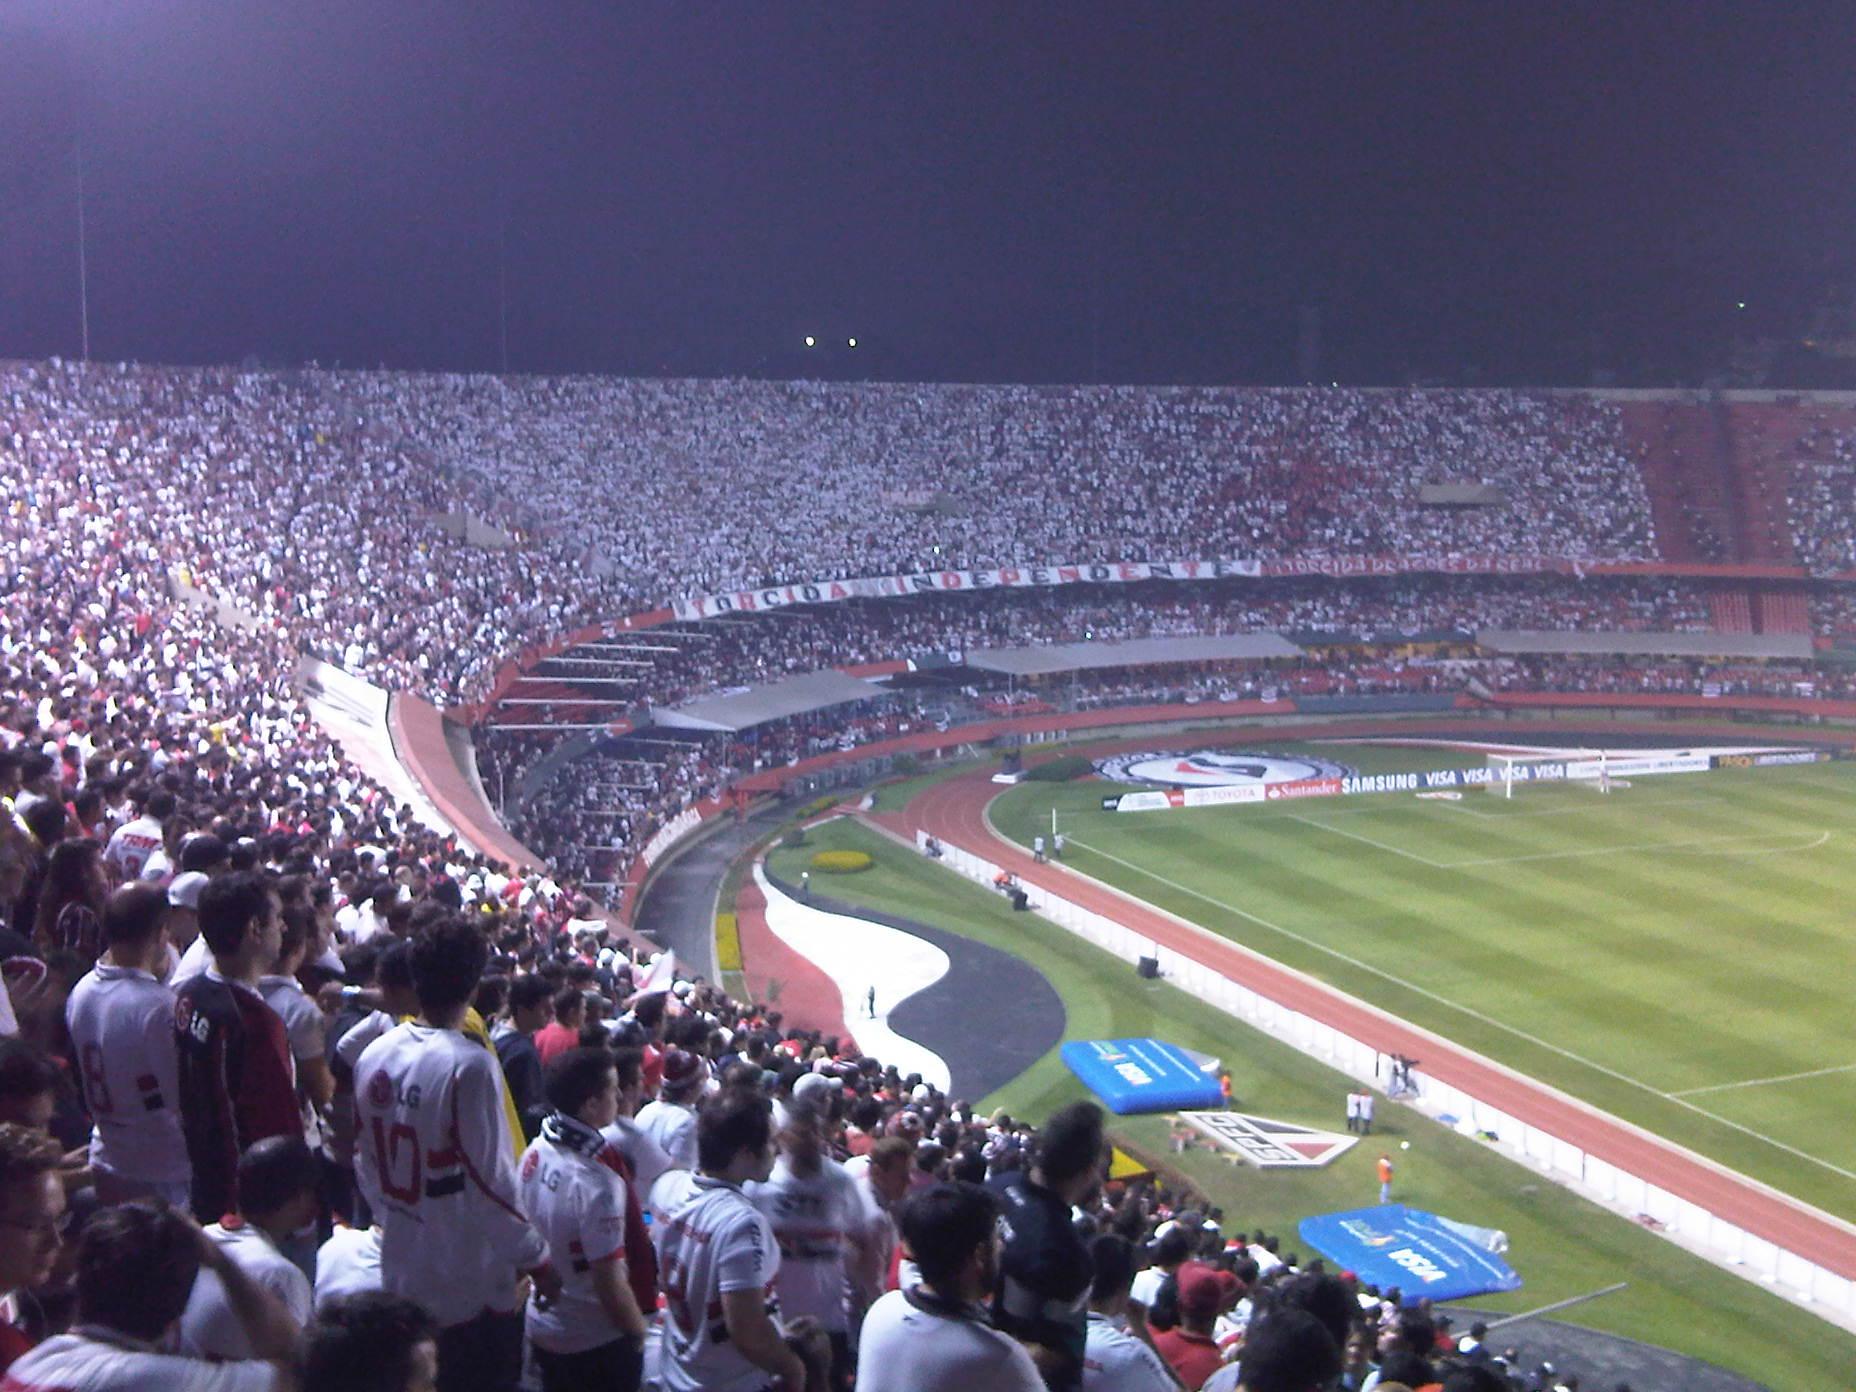 Cruzeiro x atletico 28 07 online dating 4